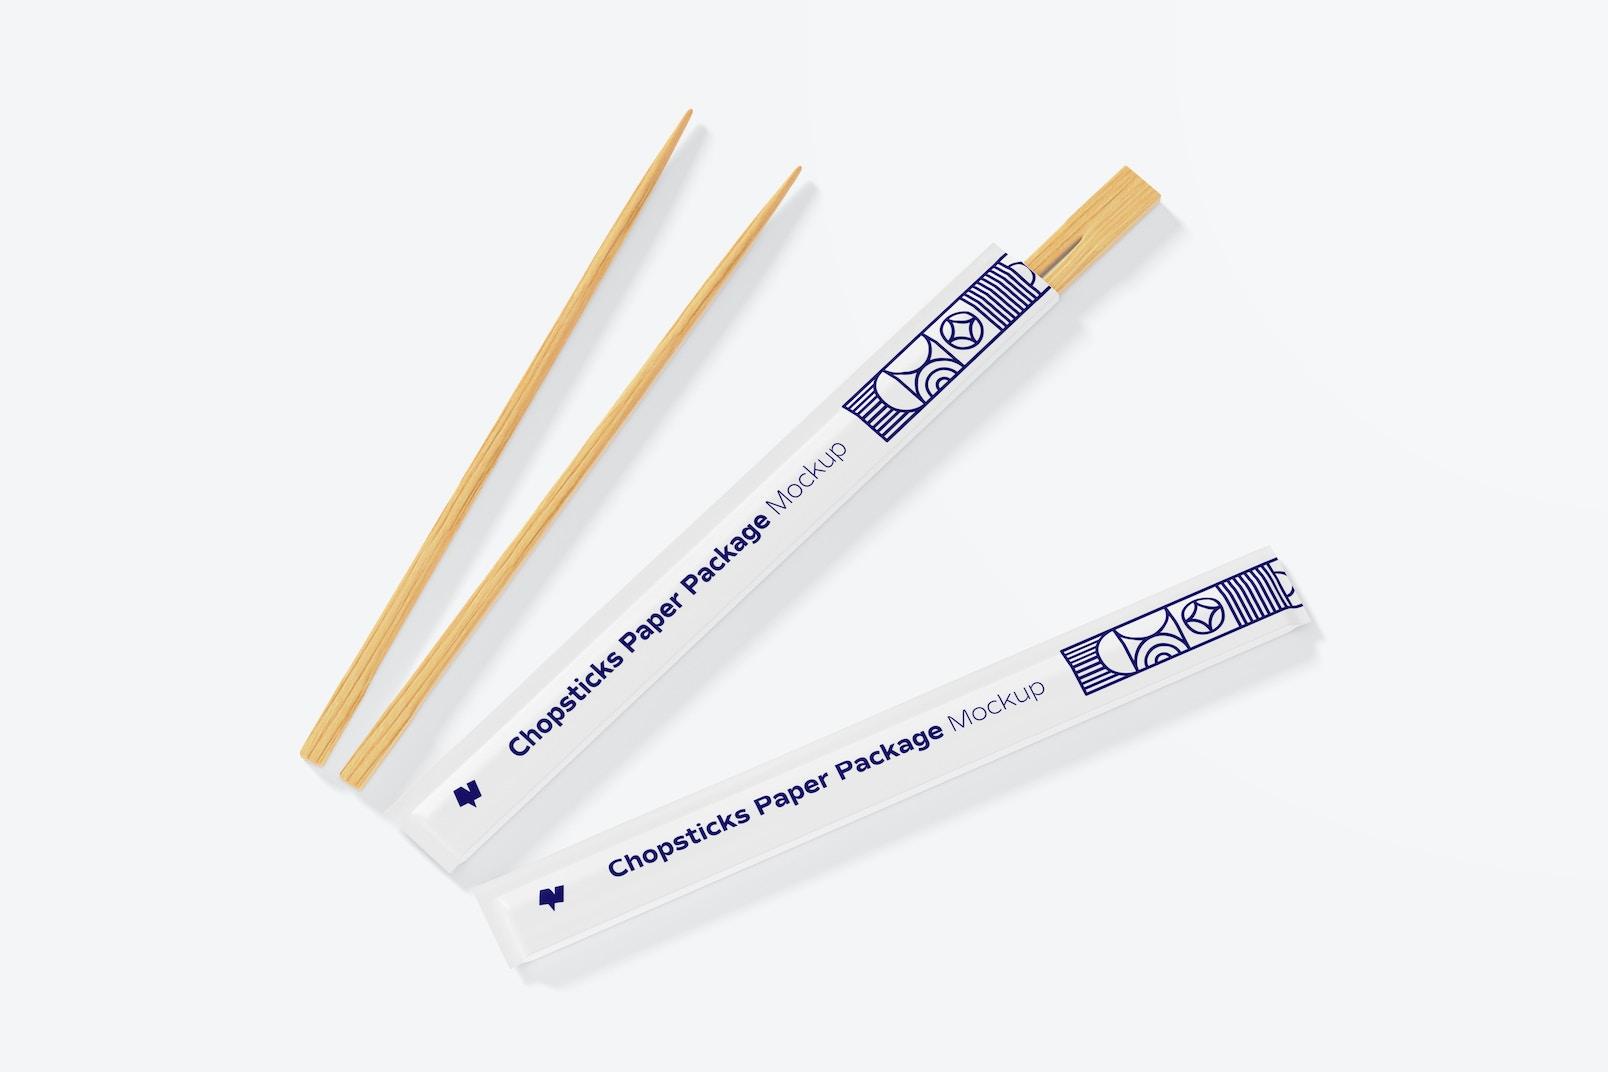 Chopsticks Paper Packages Mockup